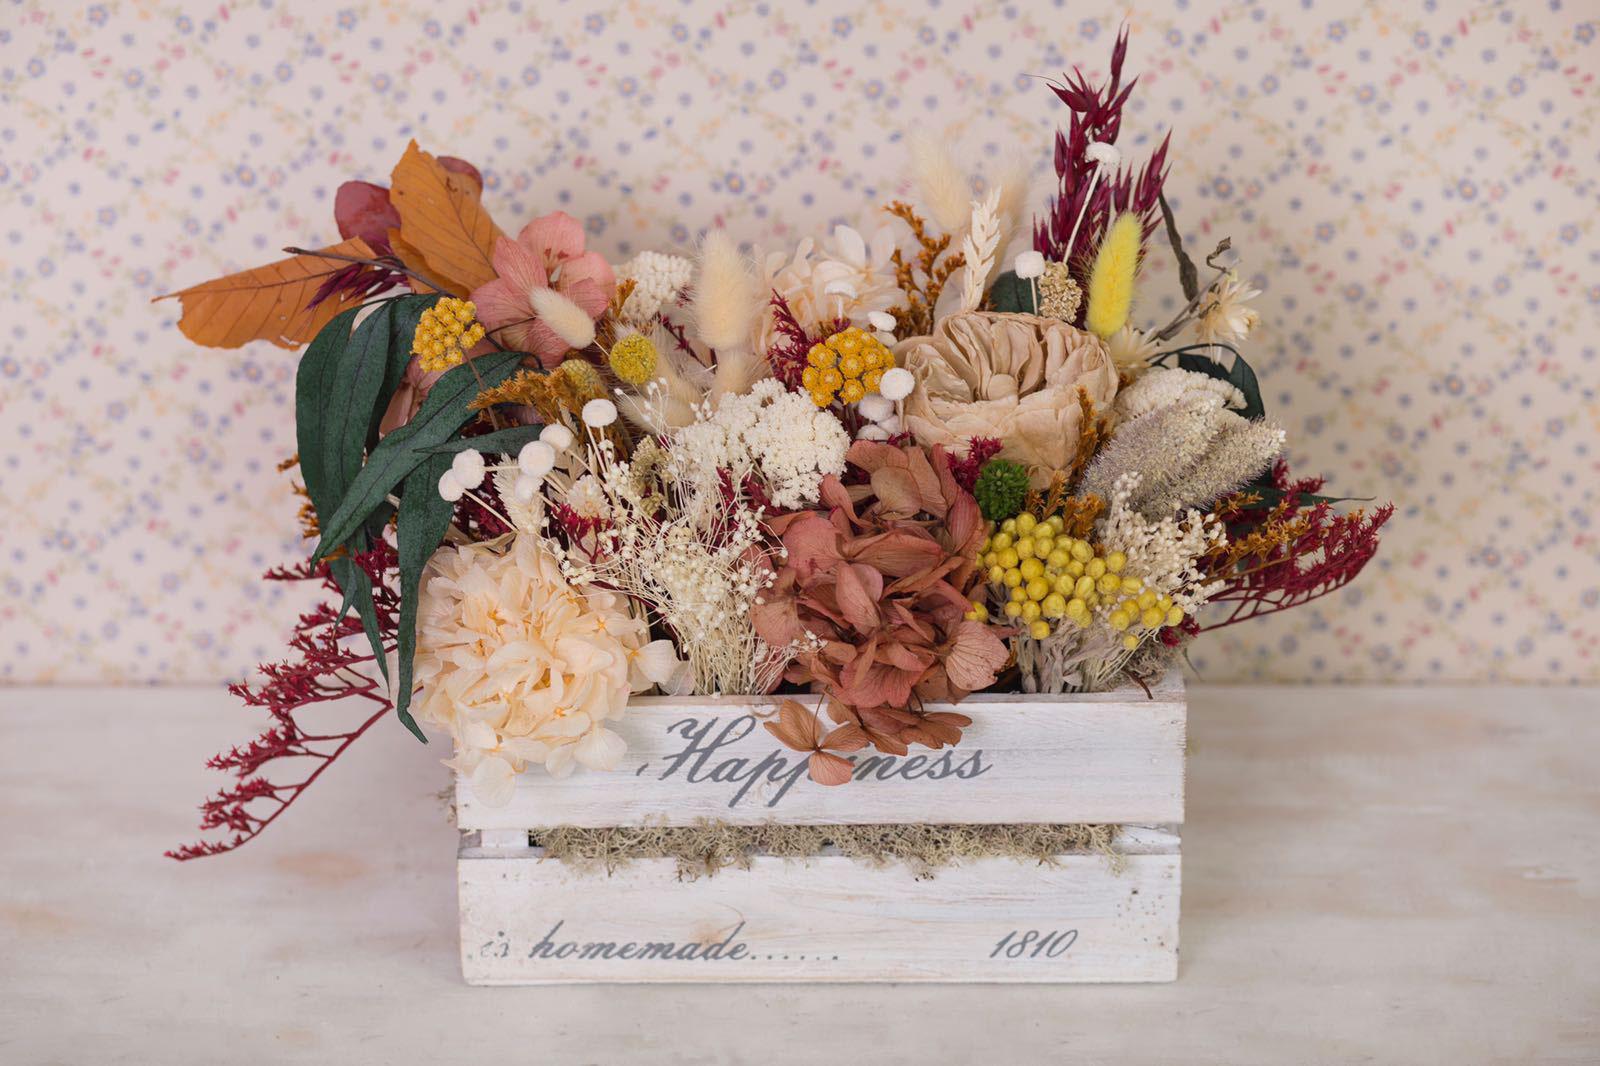 Caja de estilo vintage con flor seca y preservada, colores otoñales